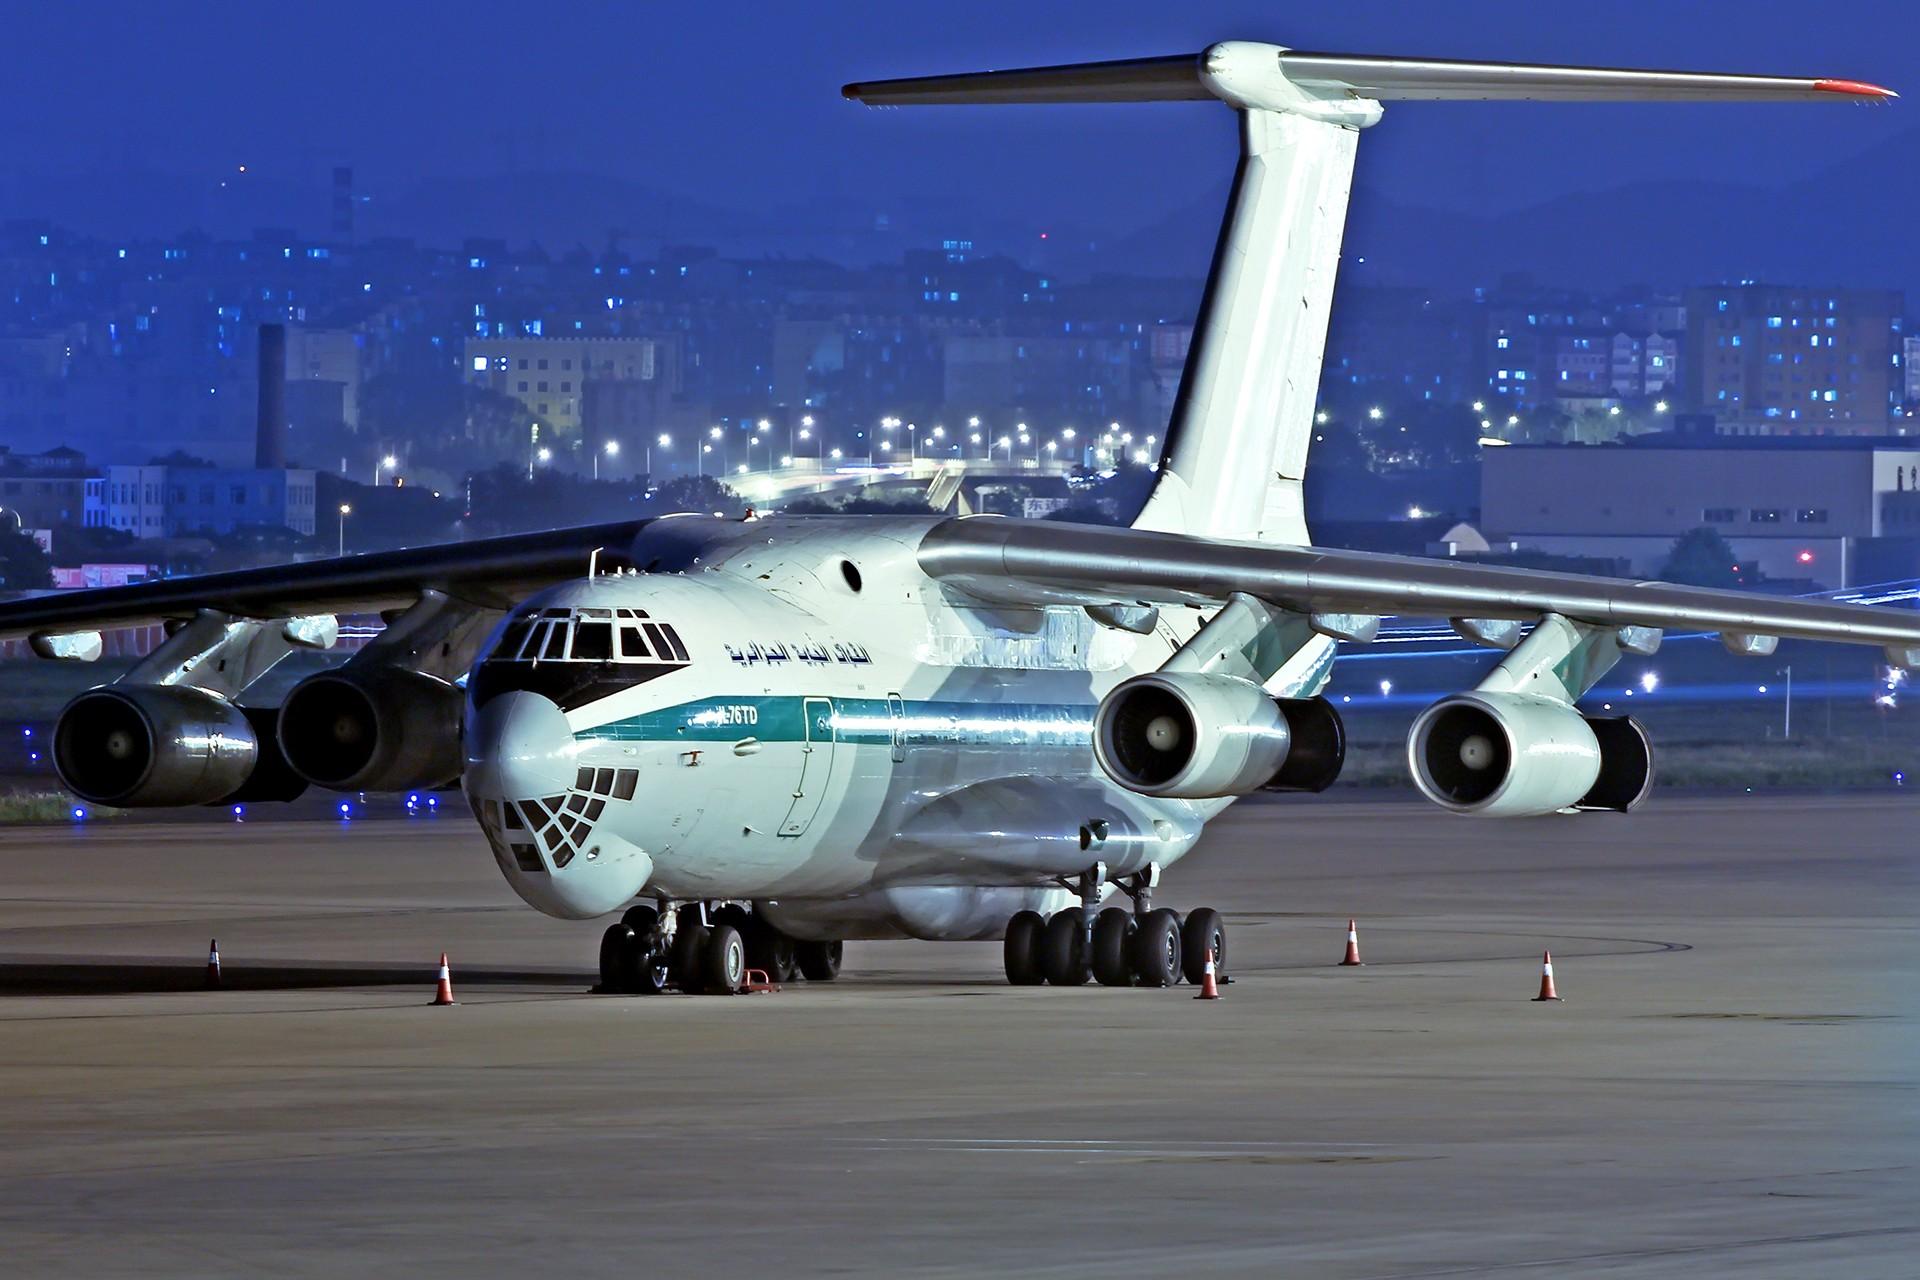 [原创][DLC]... 阿尔及利亚空军... IL76-TD 璀璨星昼夜 ILYUSHIN IL-76-TD 7T-WIE 中国大连周水子国际机场